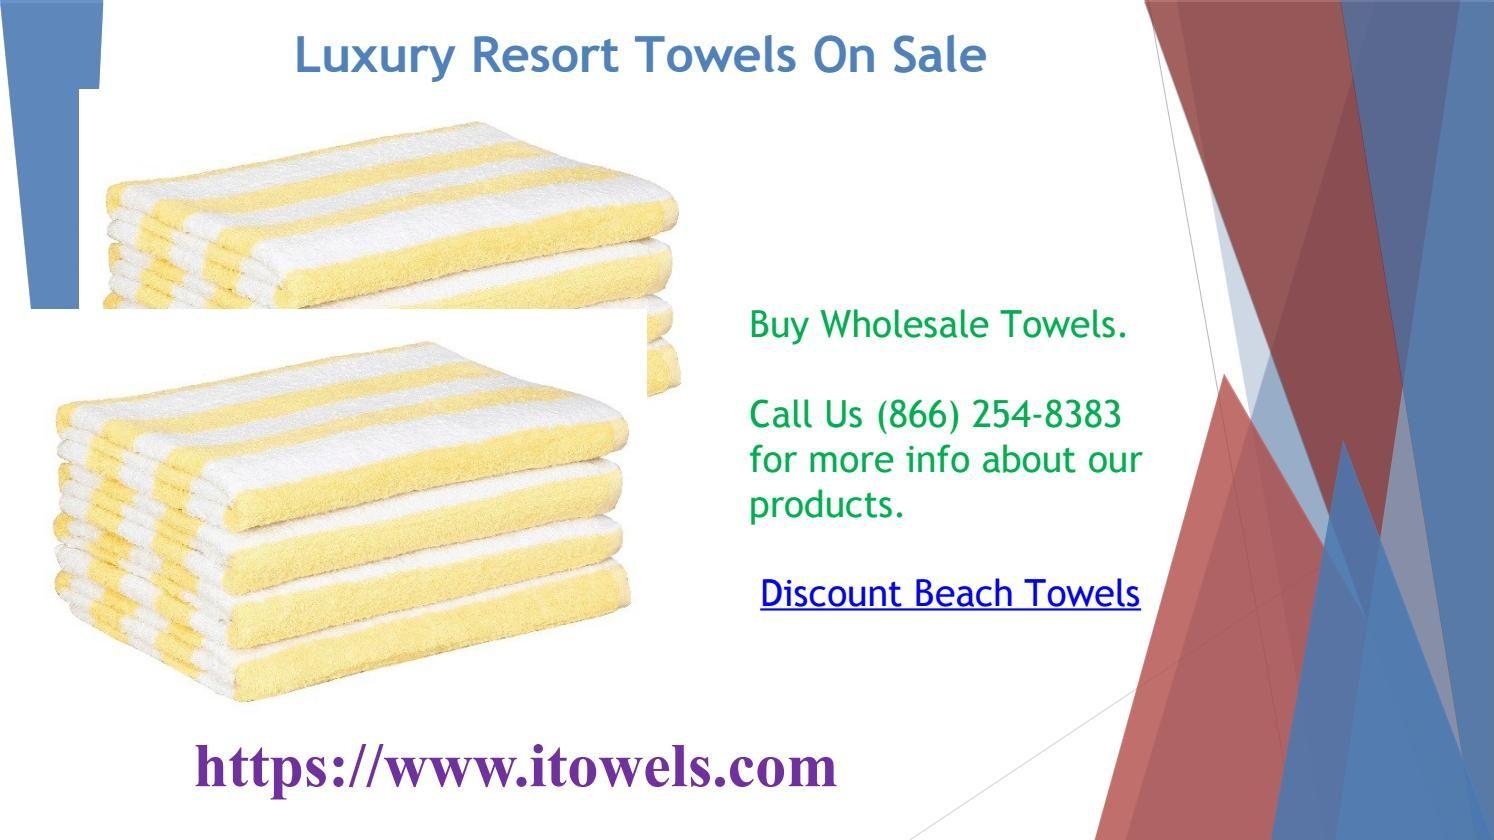 Discount Beach Towels On Sale Towels Sale Towel Luxury Towels